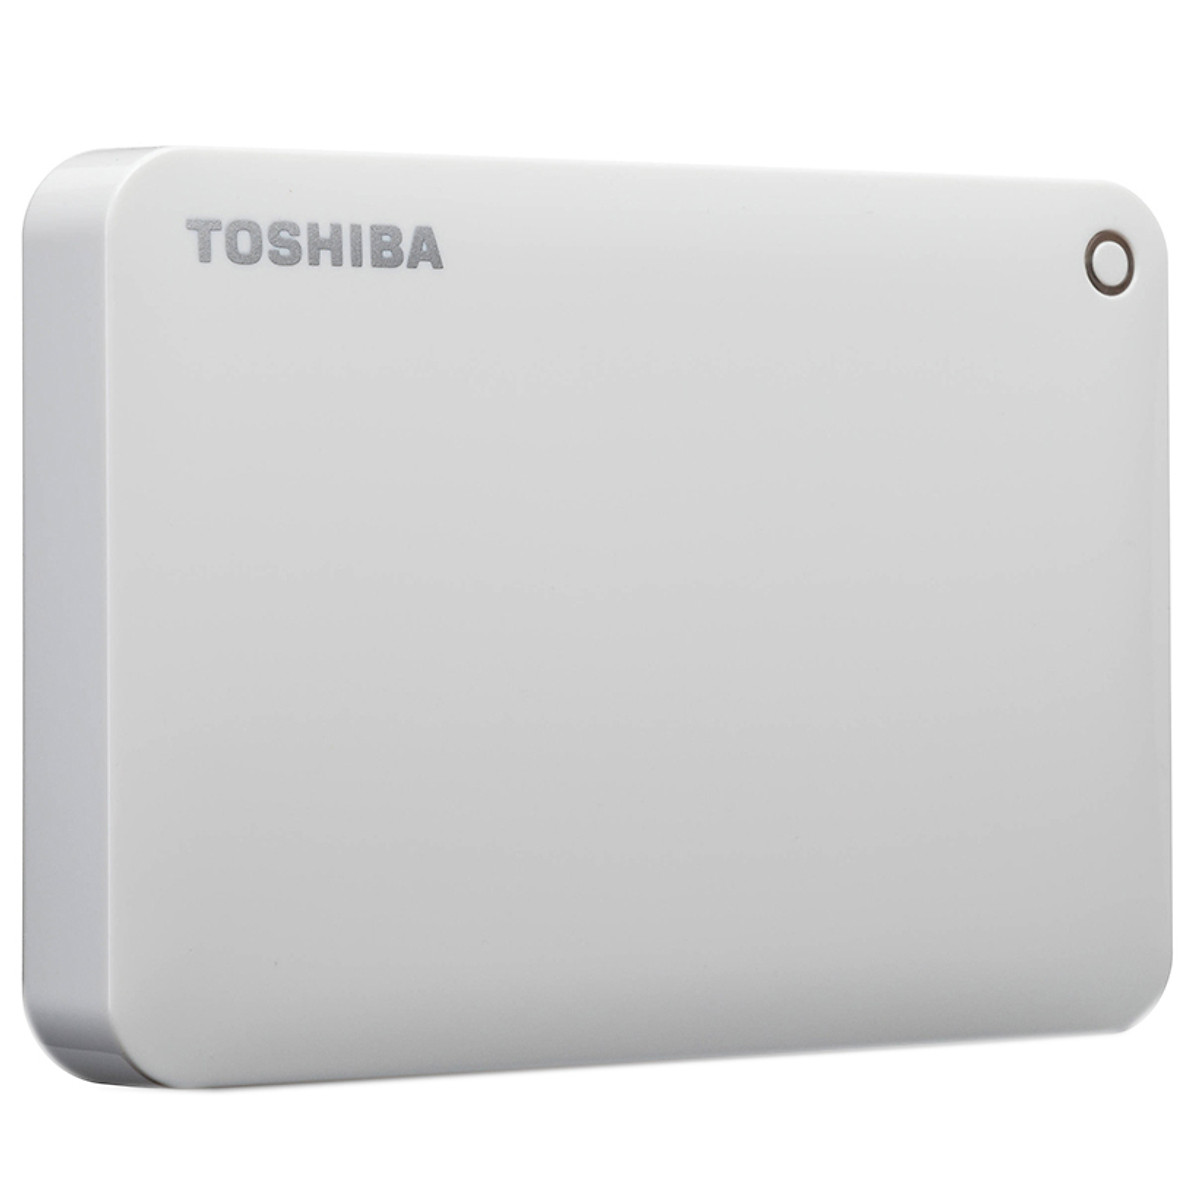 Ổ Cứng Di Động Toshiba Canvio Connect II 1TB – USB 3.0 – Hàng Chính Hãng